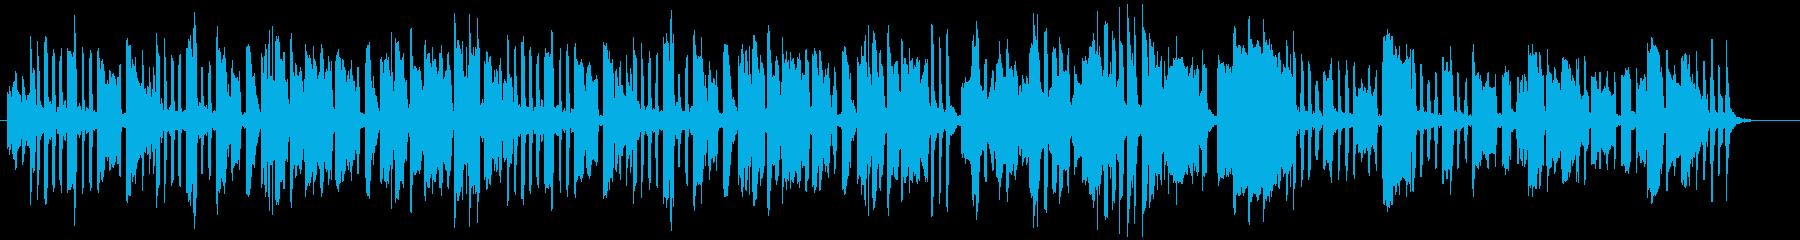 クラッシック風・リコーダーほのぼのの再生済みの波形